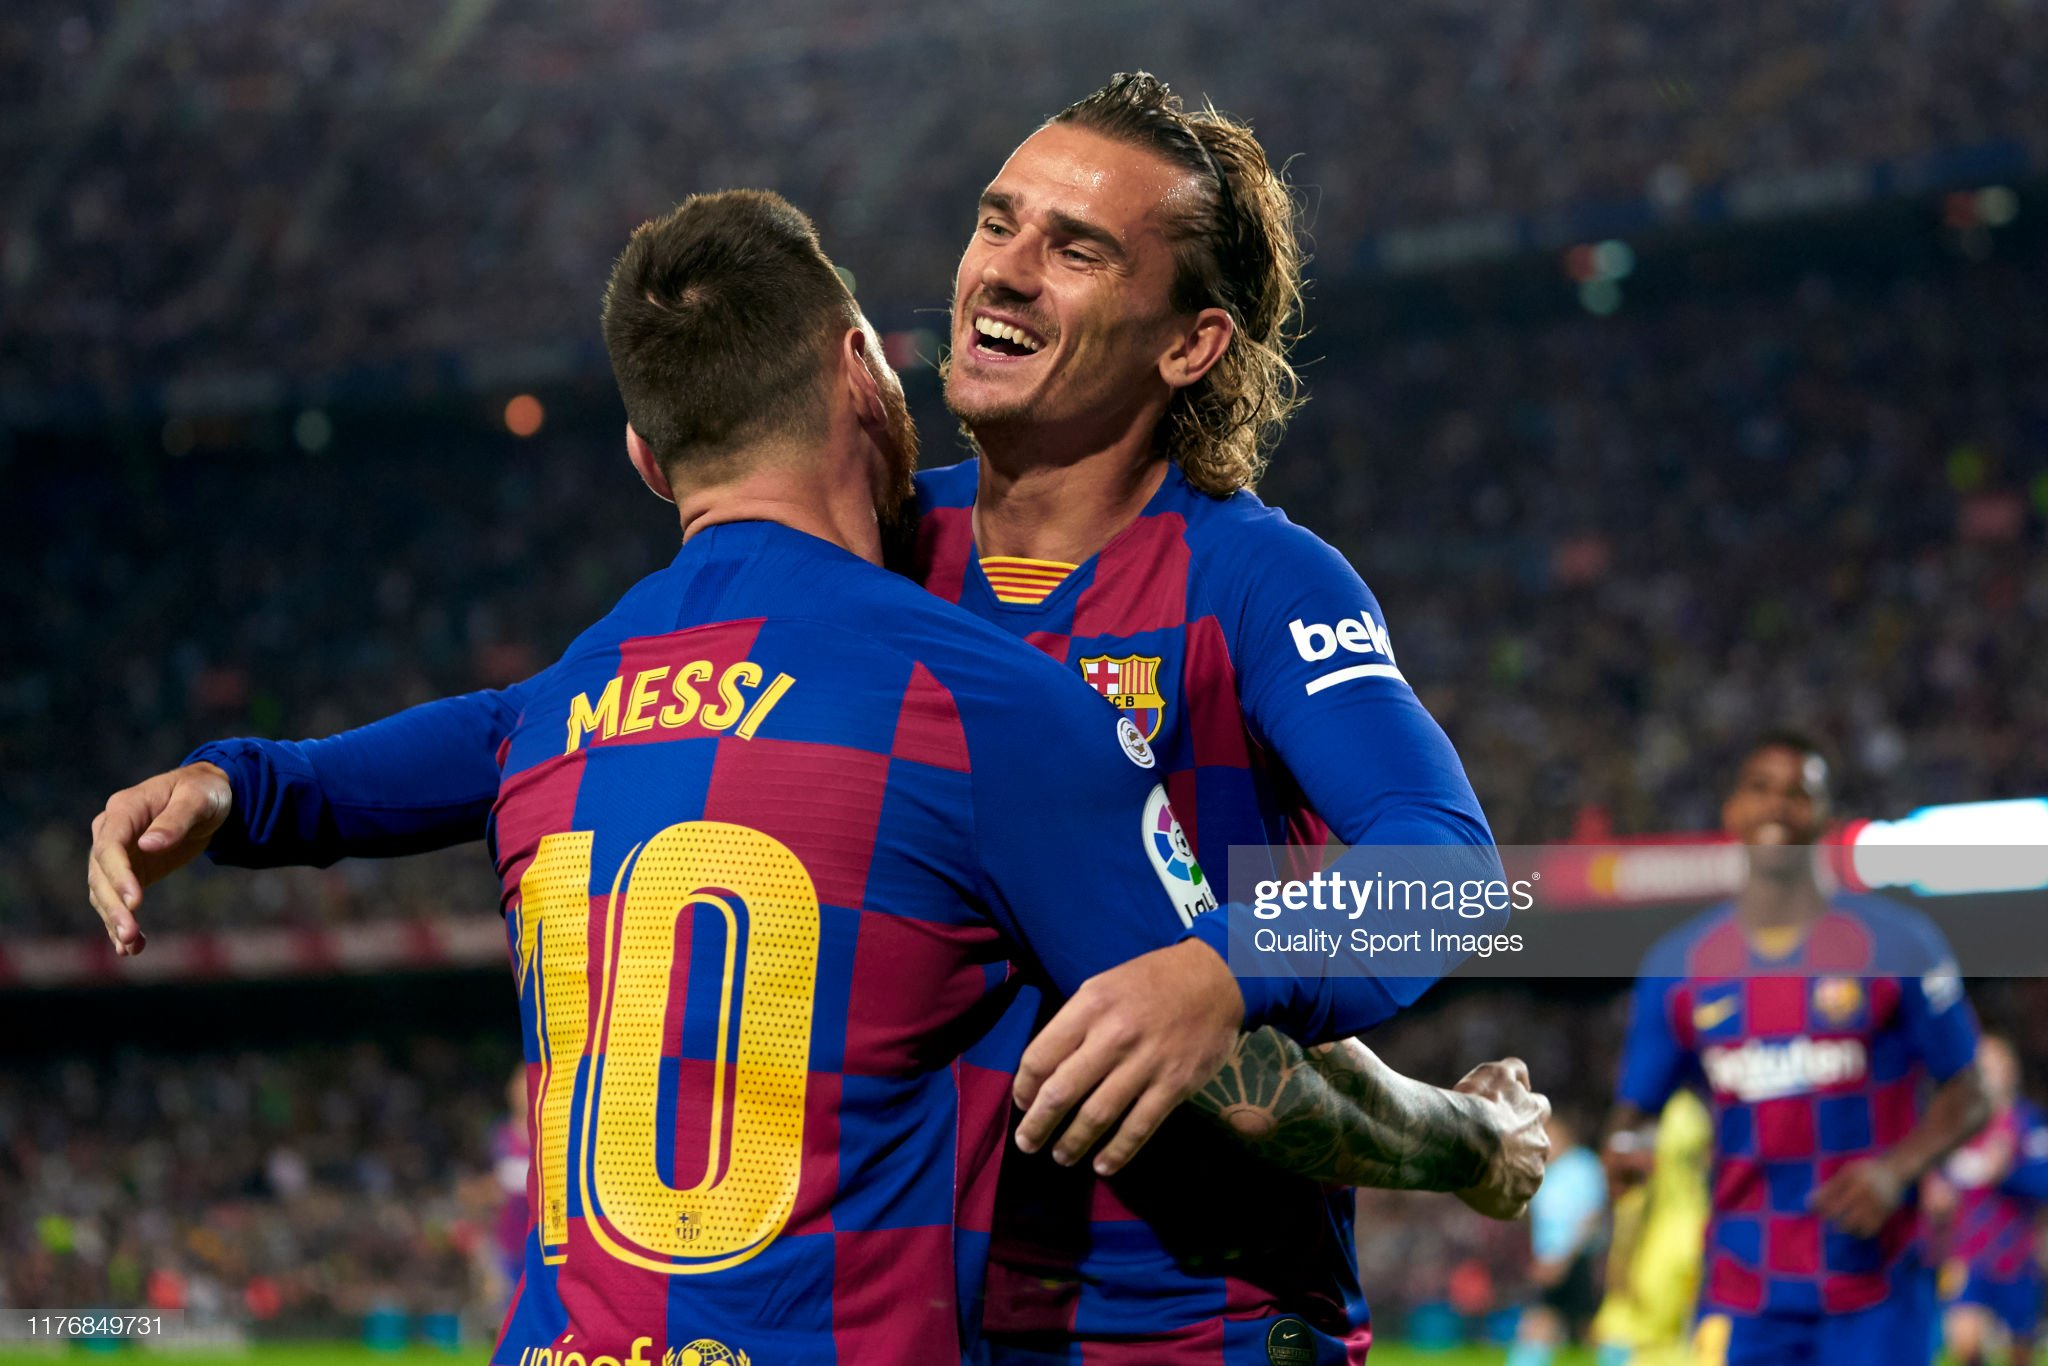 صور مباراة : برشلونة - فياريال 2-1 ( 24-09-2019 )  Antoine-griezmann-and-lionel-messi-of-fc-barcelona-celebrating-their-picture-id1176849731?s=2048x2048